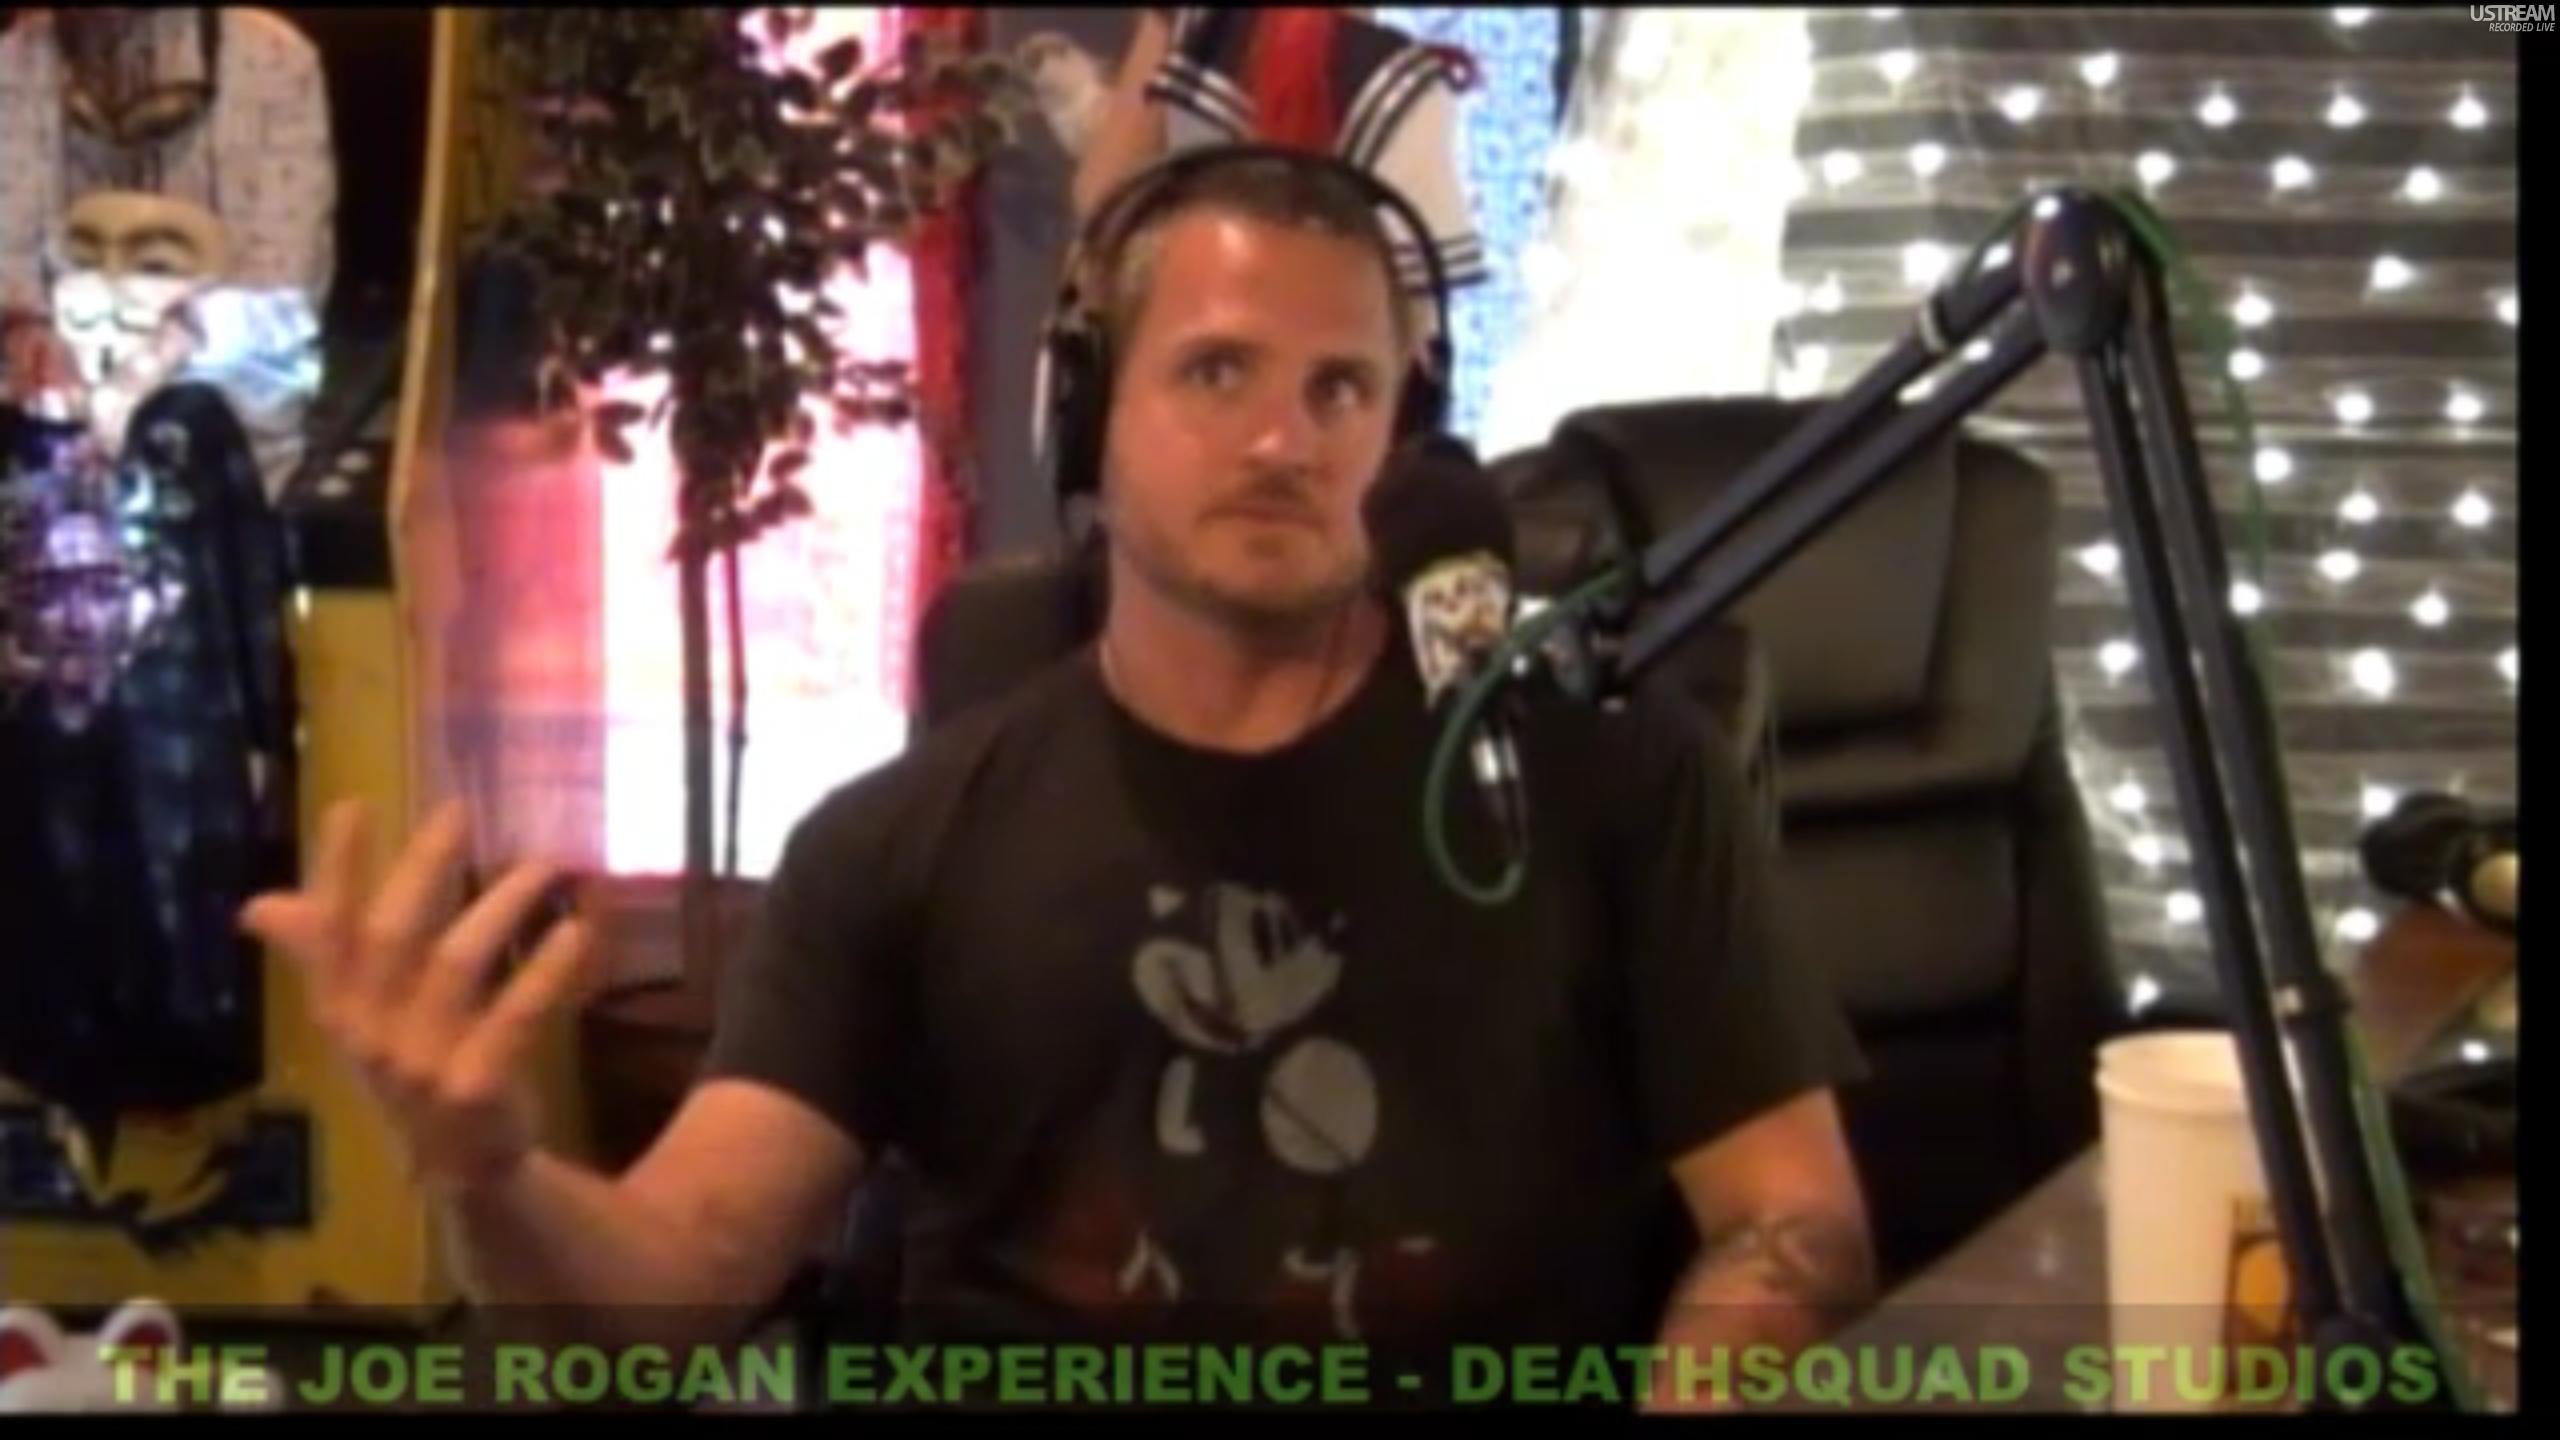 The Joe Rogan Experience #230 - Sam Sheridan, Brian Redban